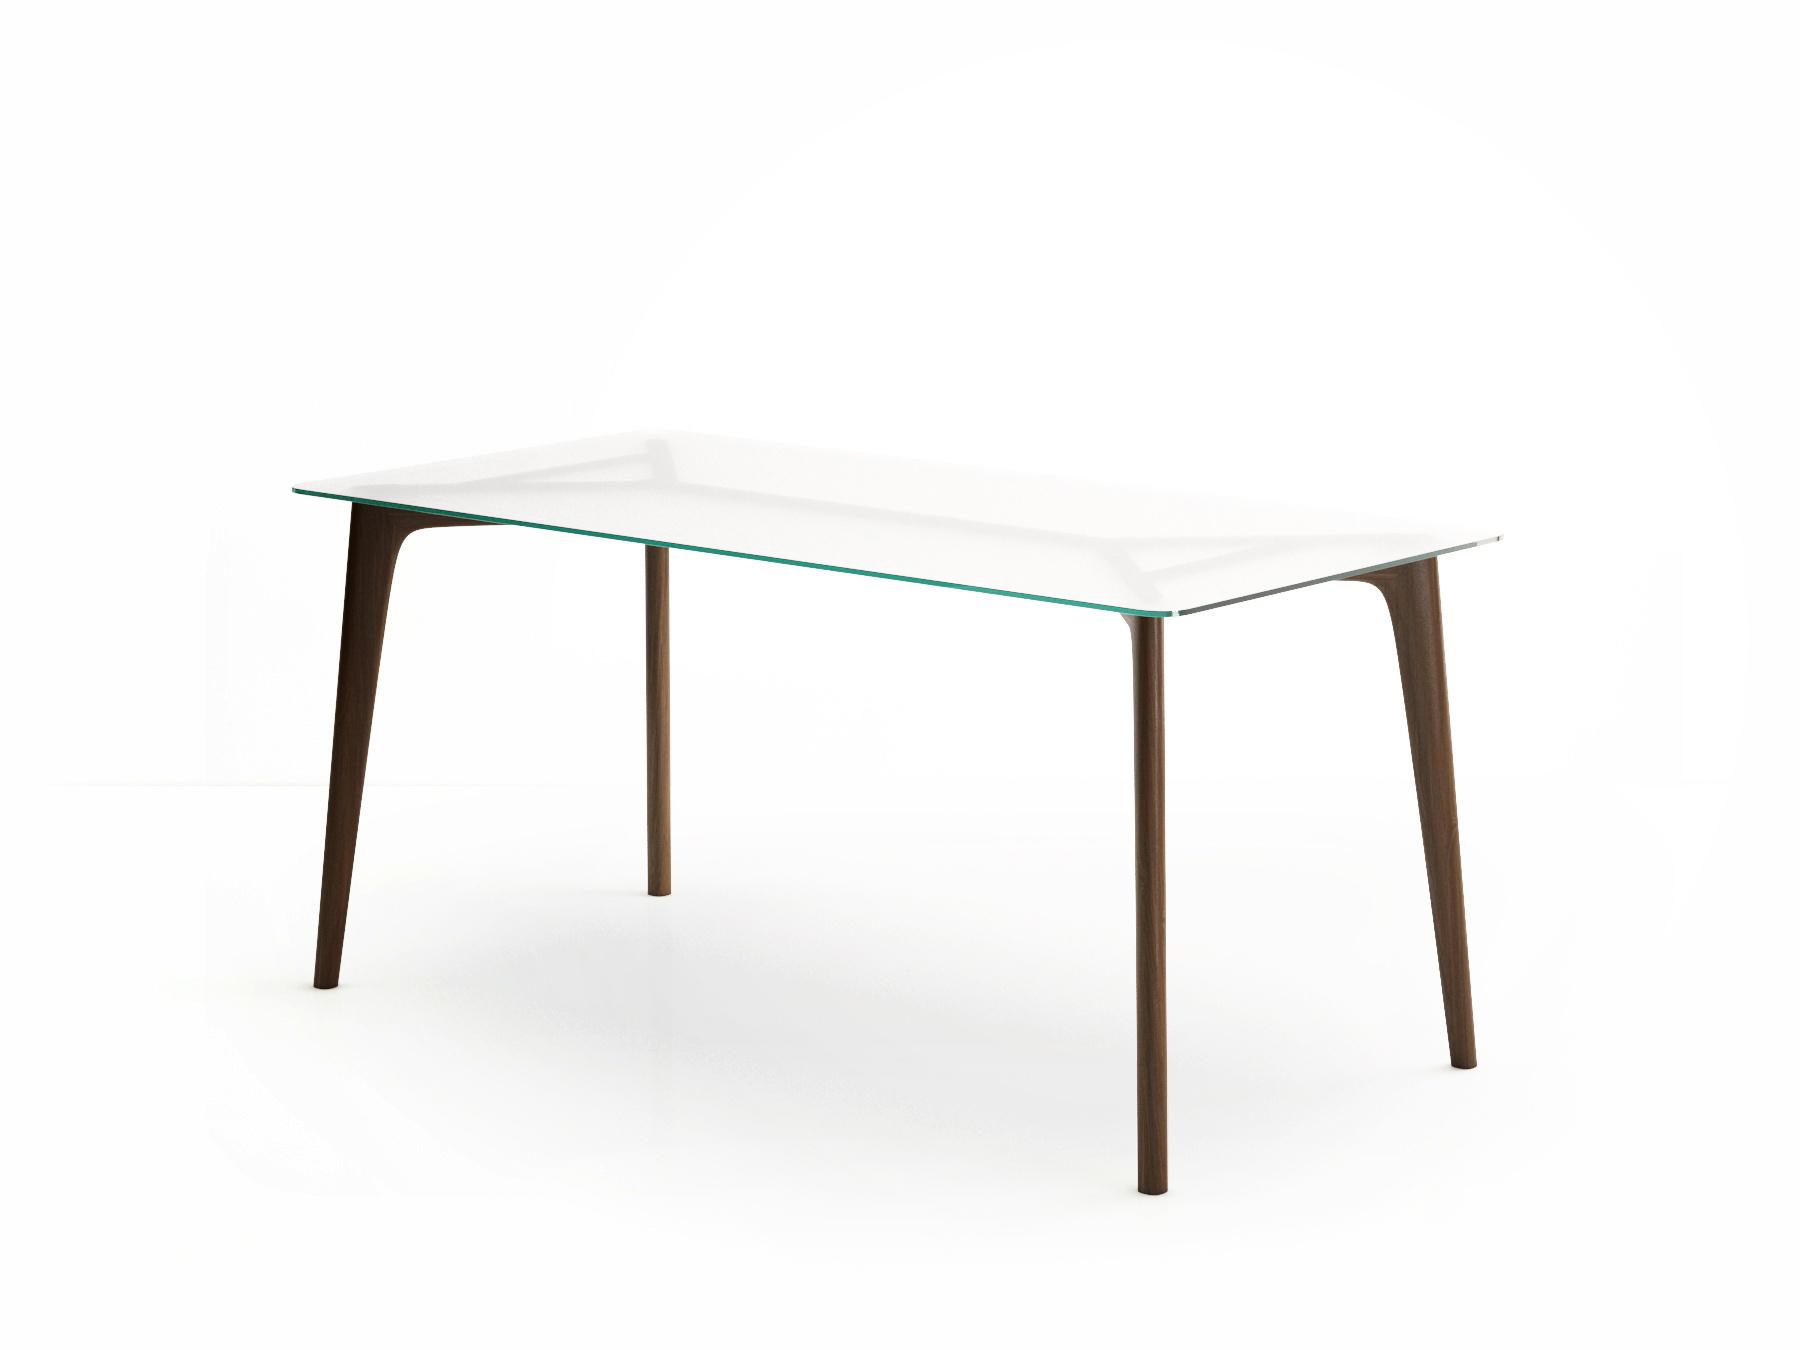 Обеденный стол FLOYDОбеденные столы<br>Обеденный стол FLOYD, объединяет в себе простоту, комфорт и индивидуальность.<br>Ножки выполнены из массива дуба и отвечают за его прочность.<br>столешница- матовое стекло, создающее ощущение легкости и невесомости.<br>Размеры стола позволяют комфортно разместится большому количеству людей.<br>Стол FLOYD доступен в пяти видах отделки: светлый дуб, темный дуб, дуб венге, беленый дуб, дуб орех.&amp;lt;div&amp;gt;&amp;lt;br&amp;gt;&amp;amp;nbsp;<br><br>&amp;lt;div&amp;gt;Информация о комплекте&amp;lt;a href=&amp;quot;https://www.thefurnish.ru/shop/mebel/mebel-dlya-doma/komplekty-mebeli/66436-obedennaya-gruppa-floyd-stol-plius-6-stula&amp;quot;&amp;gt;&amp;lt;b&amp;gt;&amp;amp;gt;&amp;amp;gt; Перейти&amp;lt;/b&amp;gt;&amp;lt;/a&amp;gt;<br>&amp;lt;/div&amp;gt;<br>&amp;lt;/div&amp;gt;<br><br>Material: Стекло<br>Length см: None<br>Width см: 160<br>Depth см: 75<br>Height см: 80